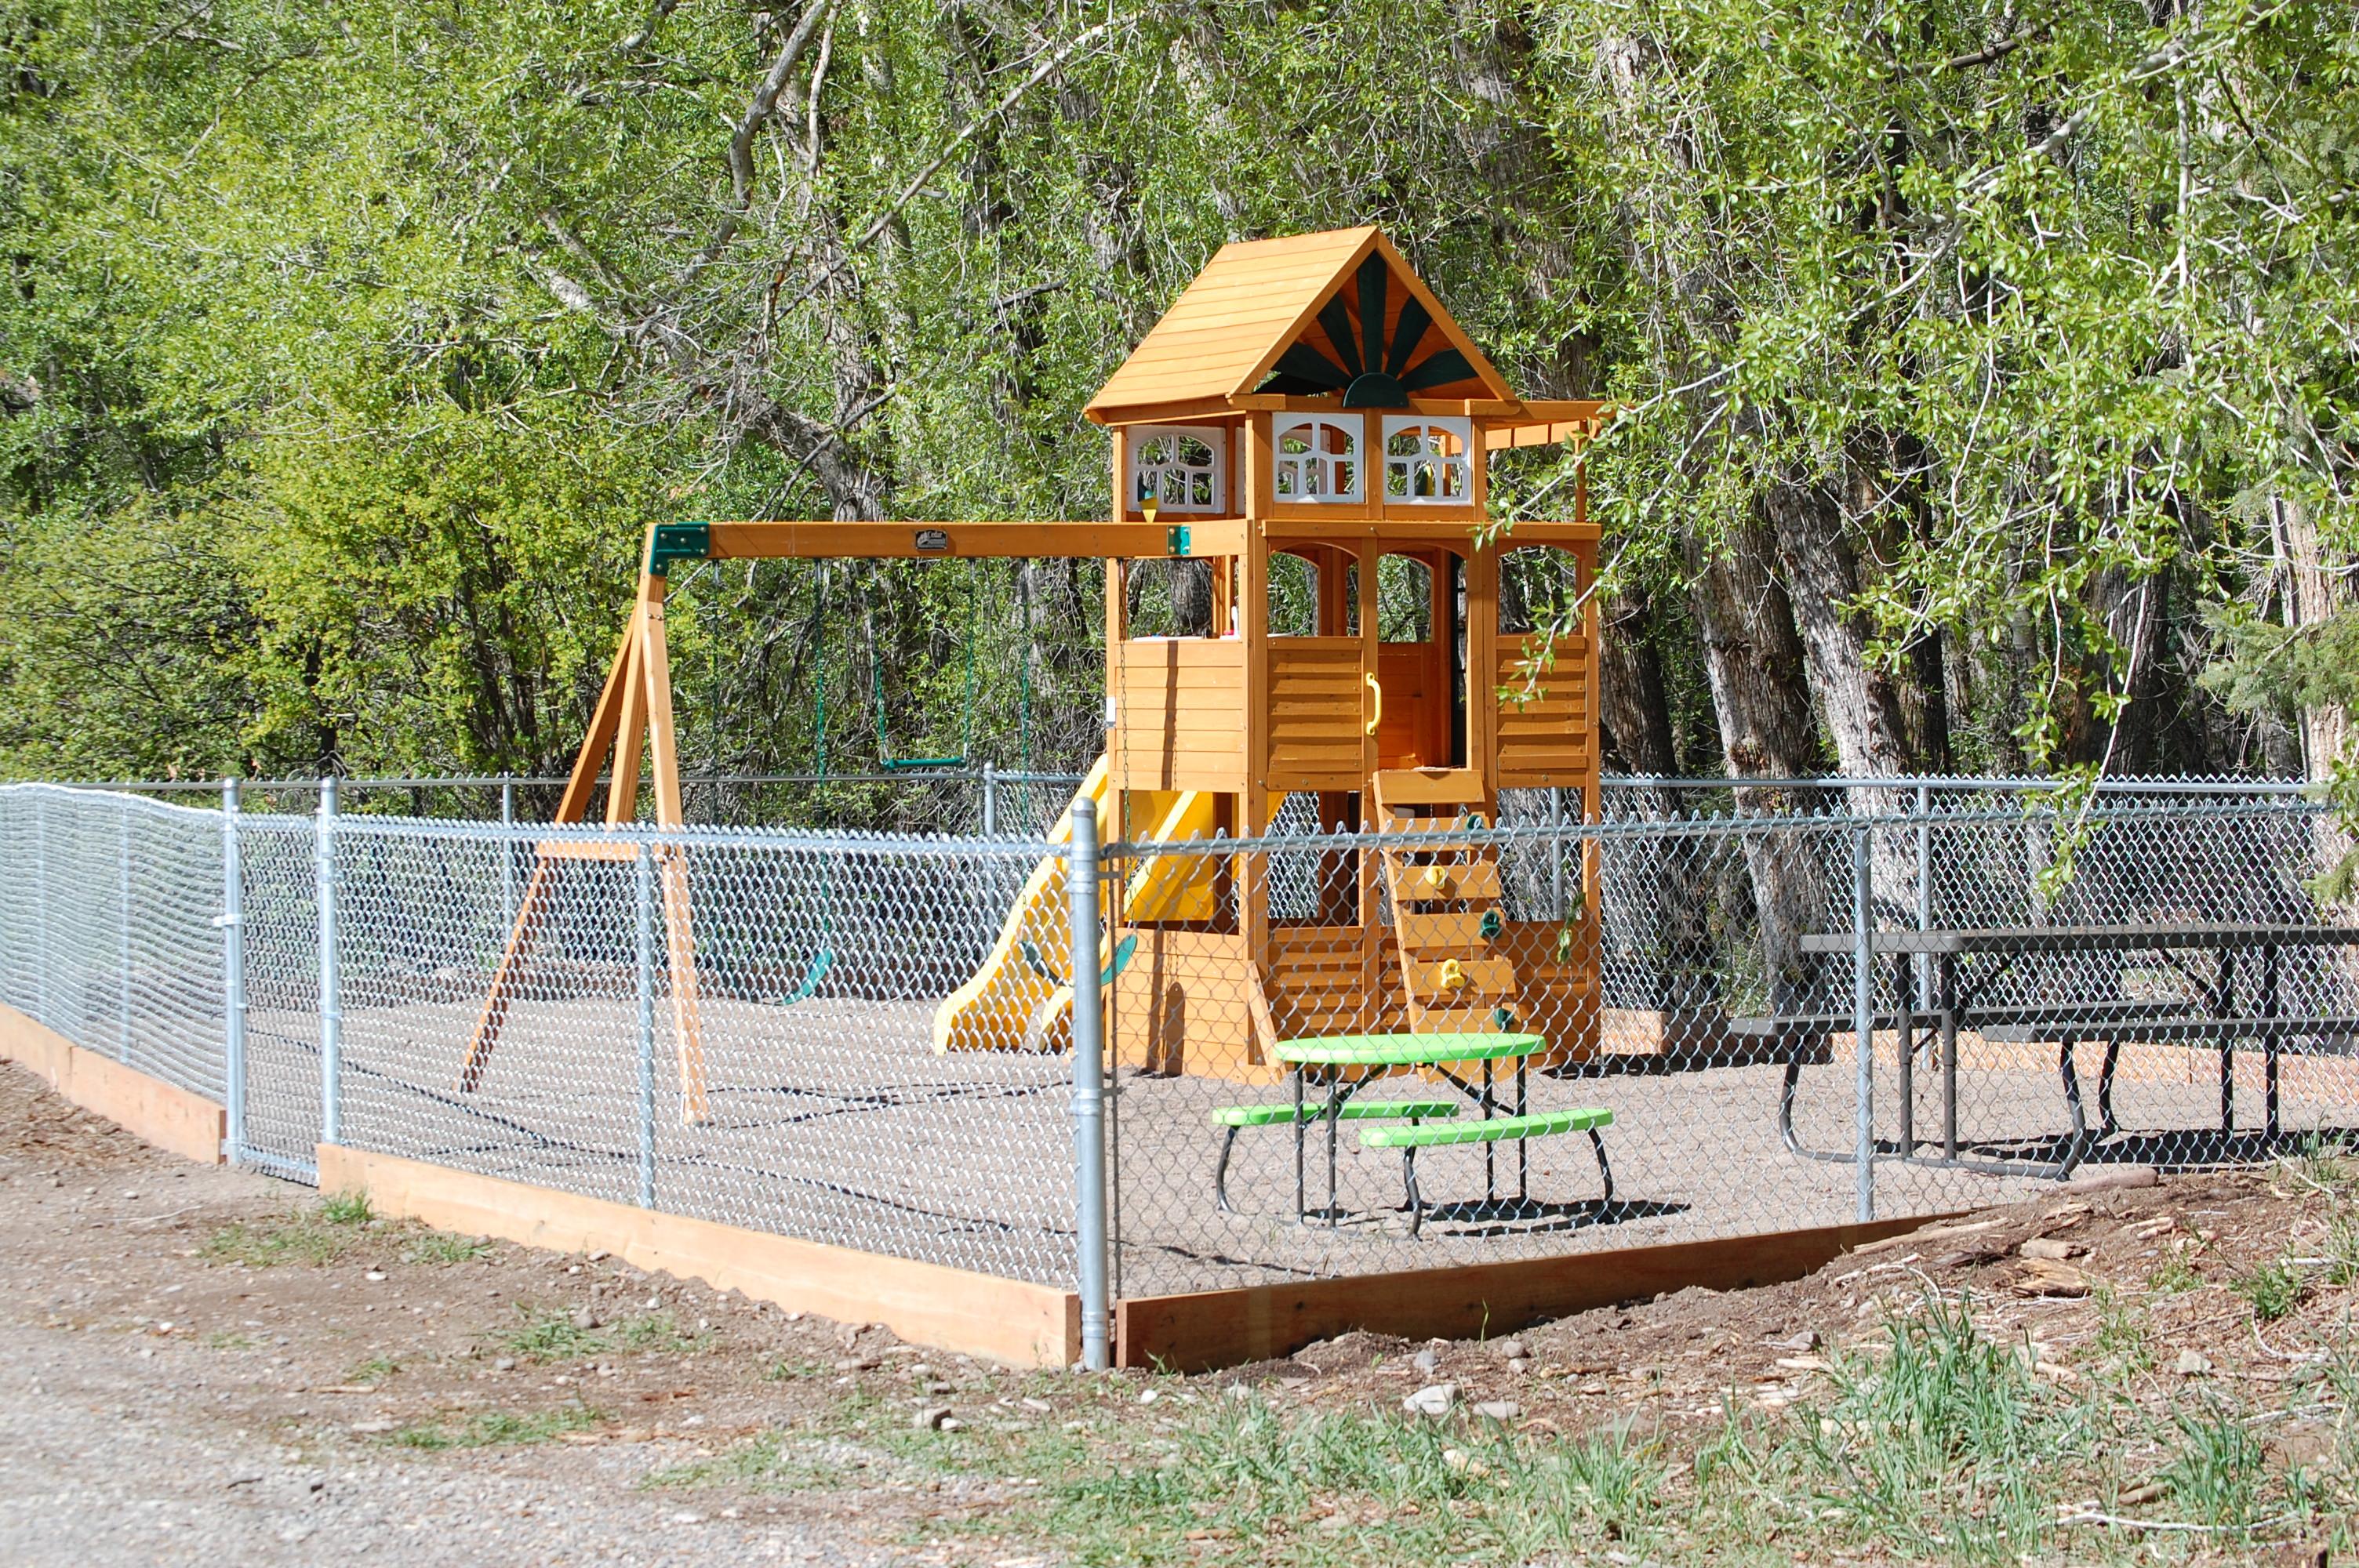 South Fork Rv Parks Reviews And Photos Rvparking Com